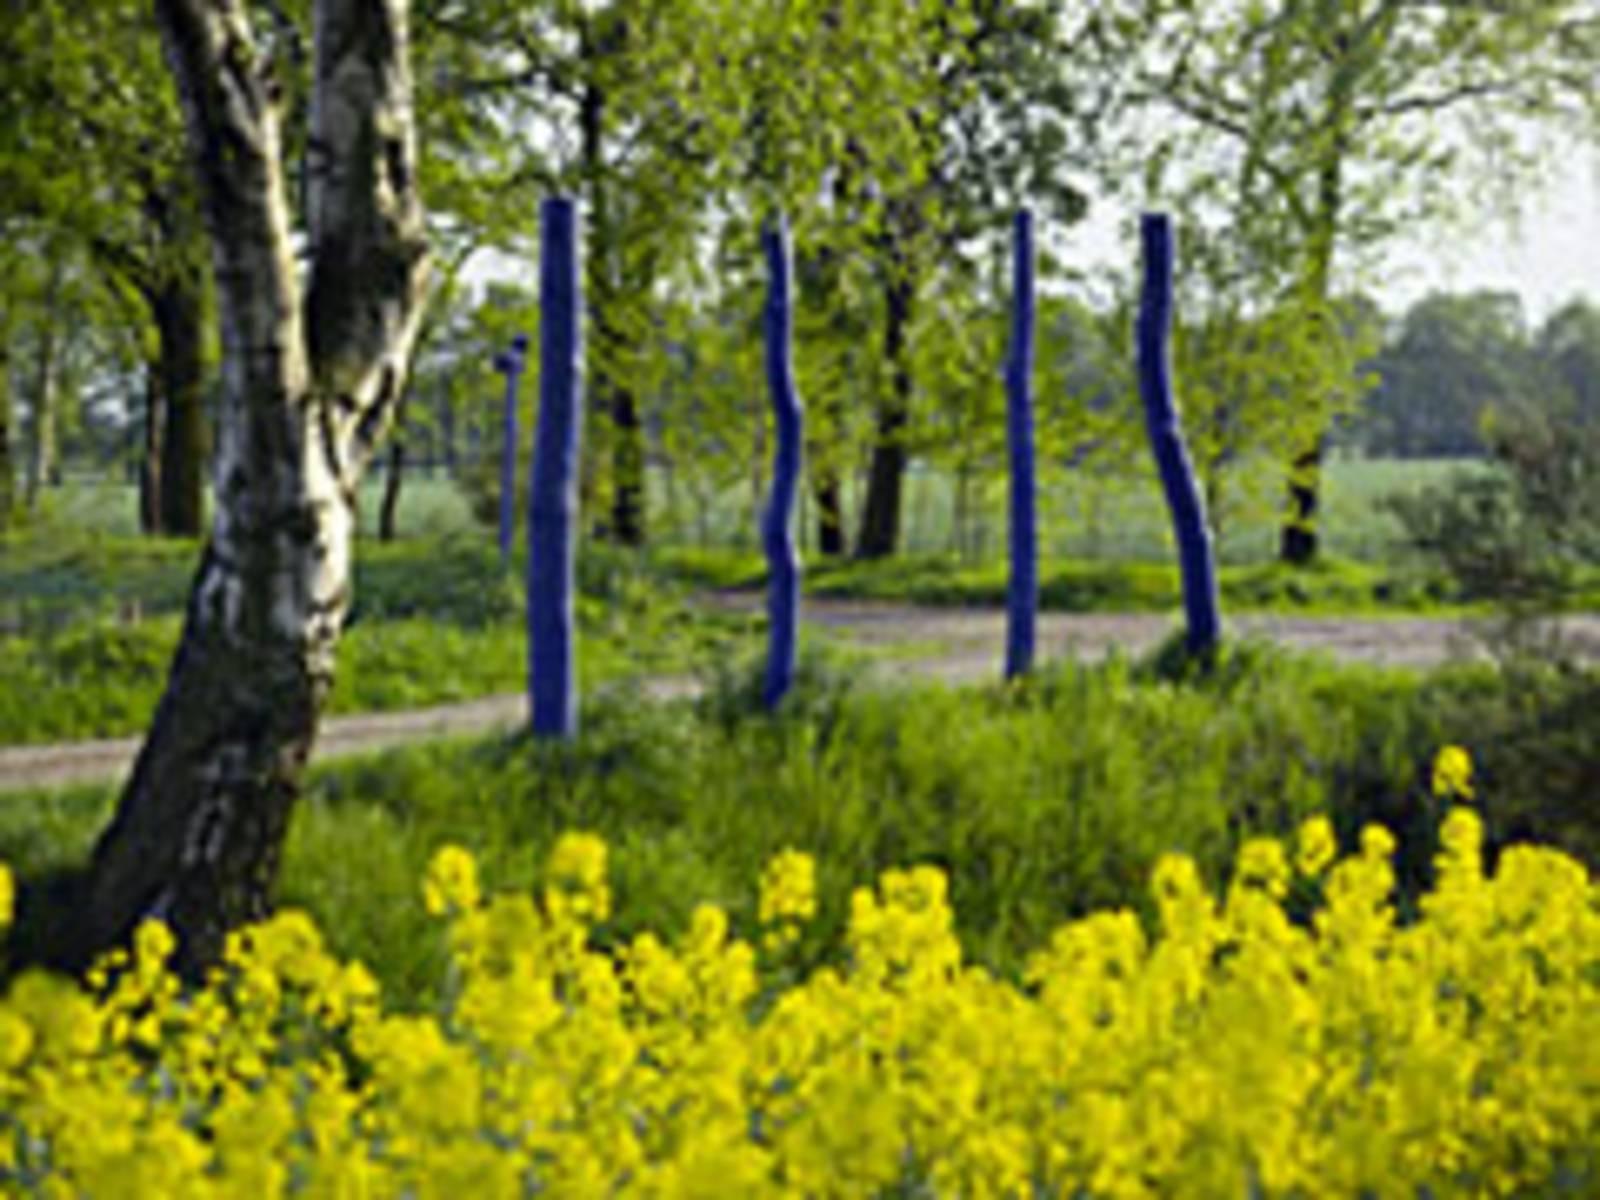 Blick aus einem Rapsfeld heraus auf einen mit blauen Pfosten gekennzeichneten Radweg